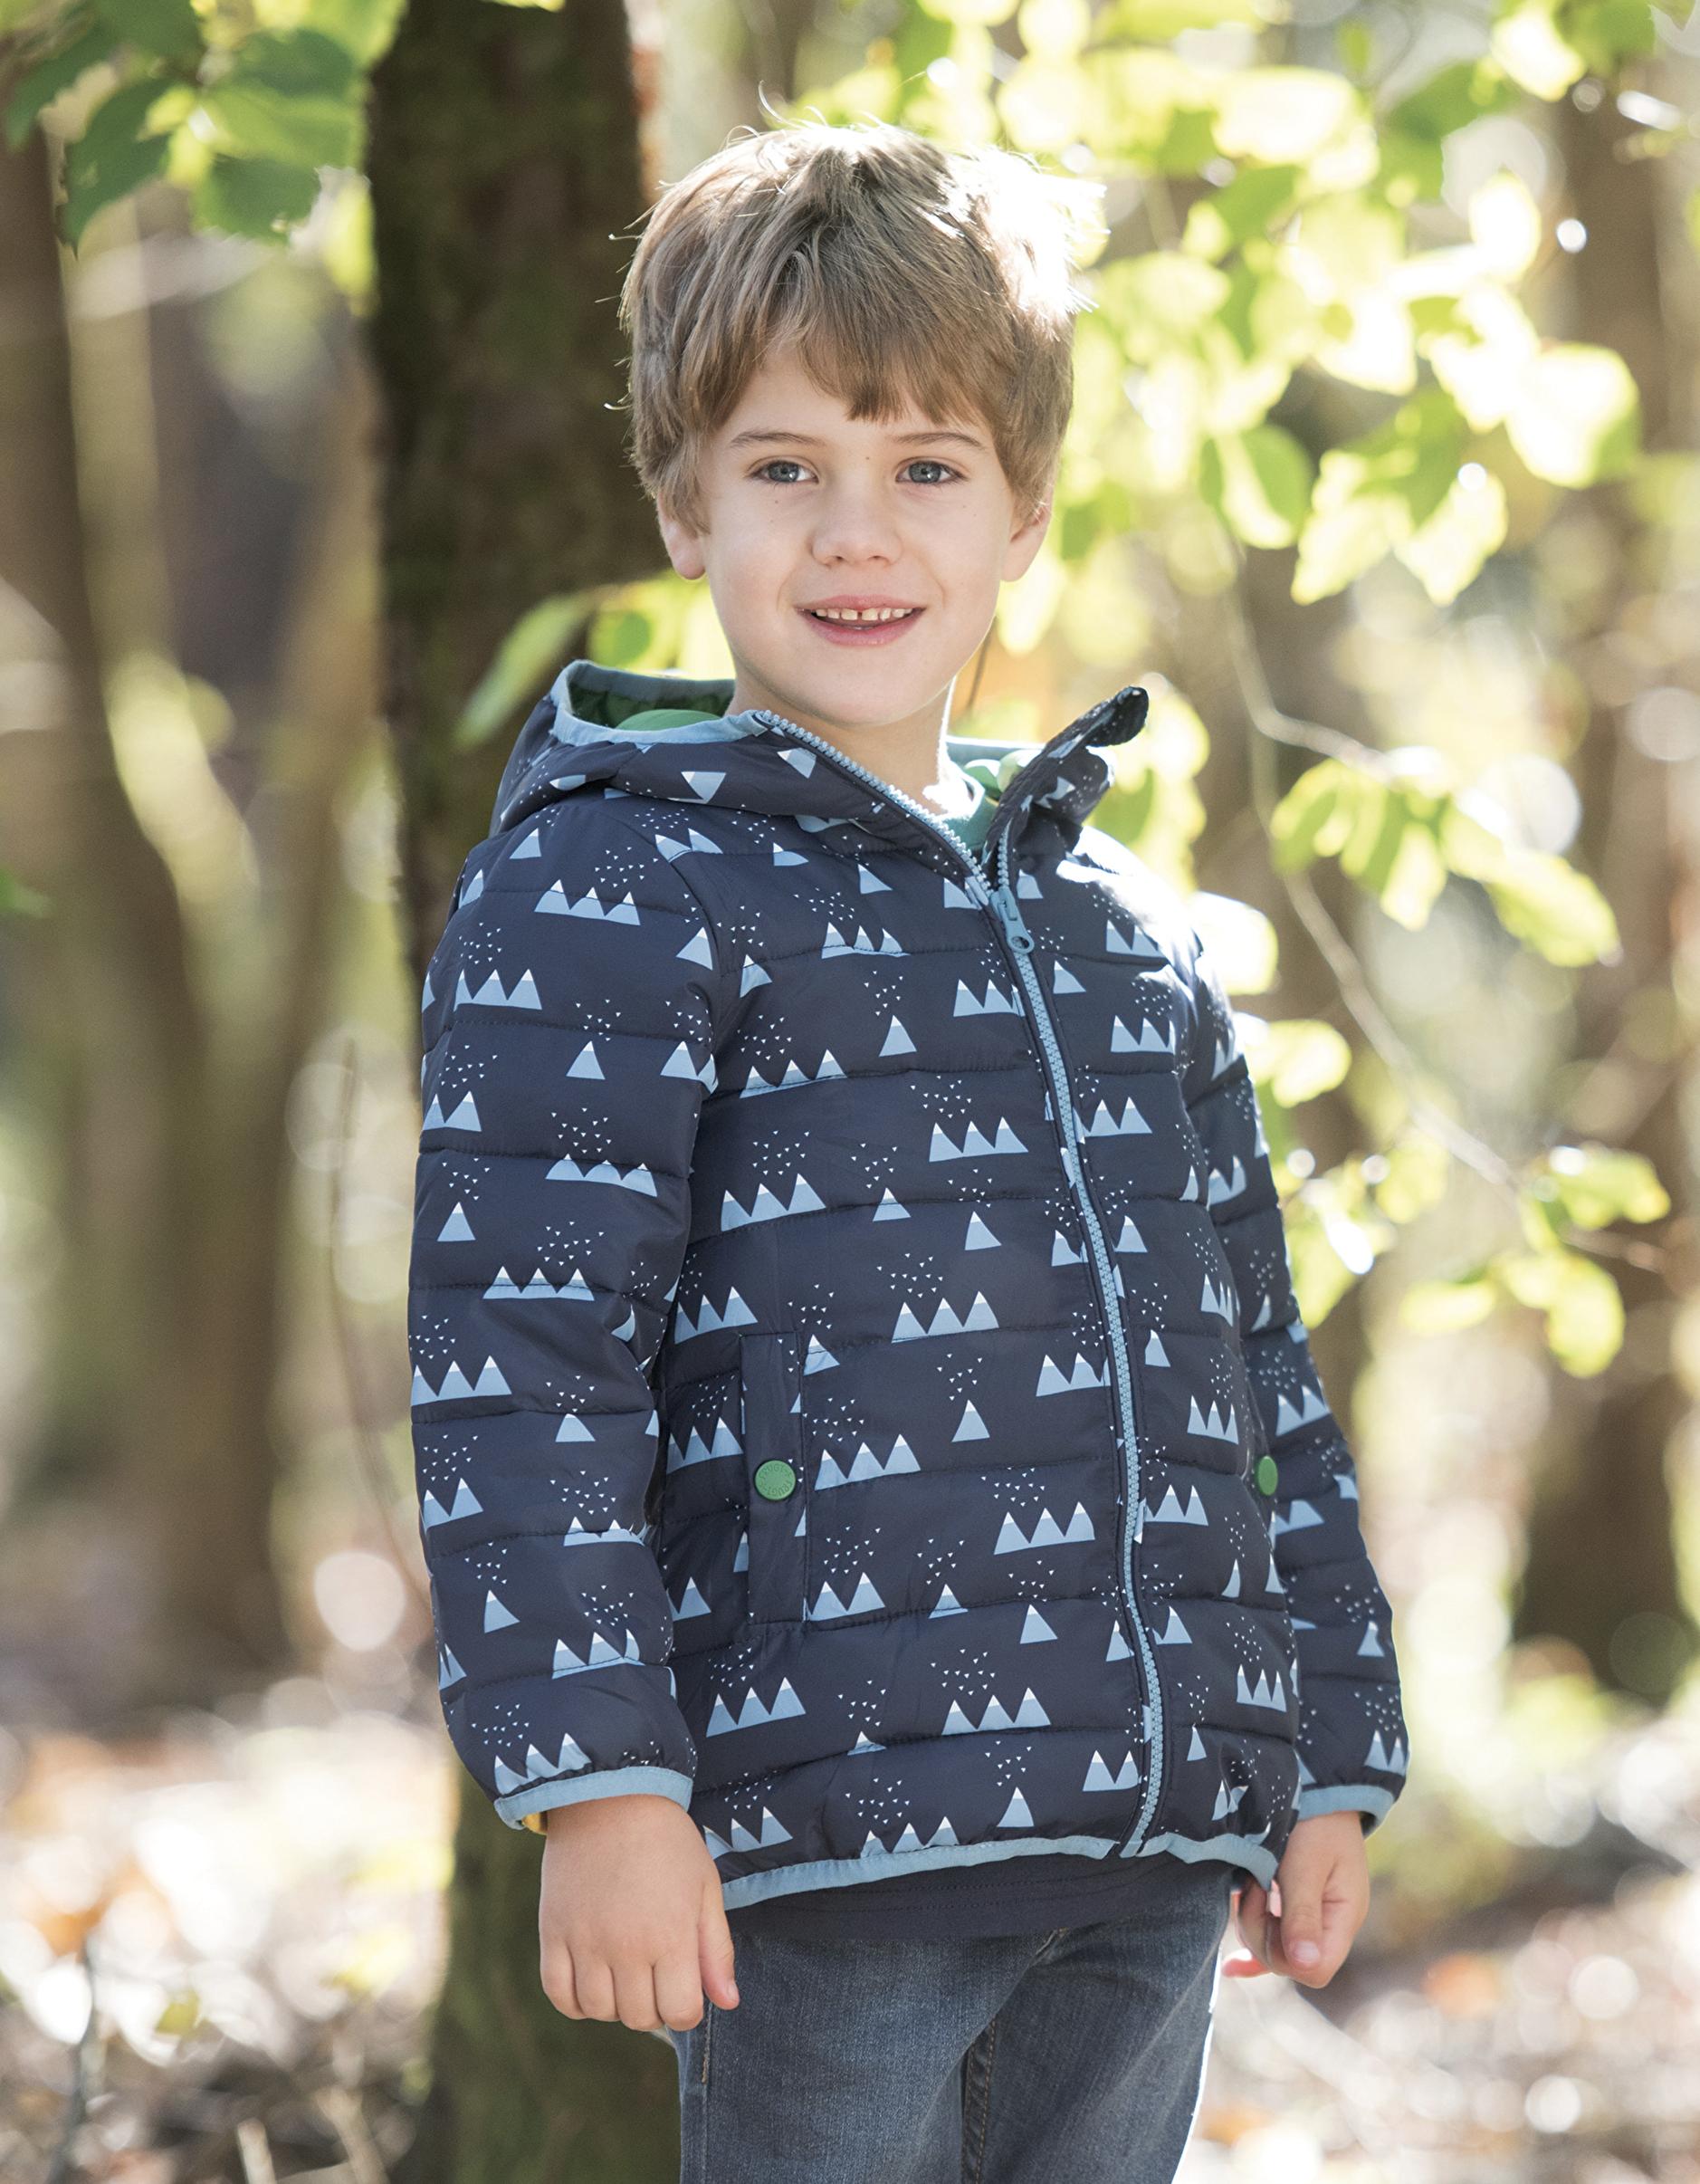 kidswear-designer-cornwall-frugi29.png